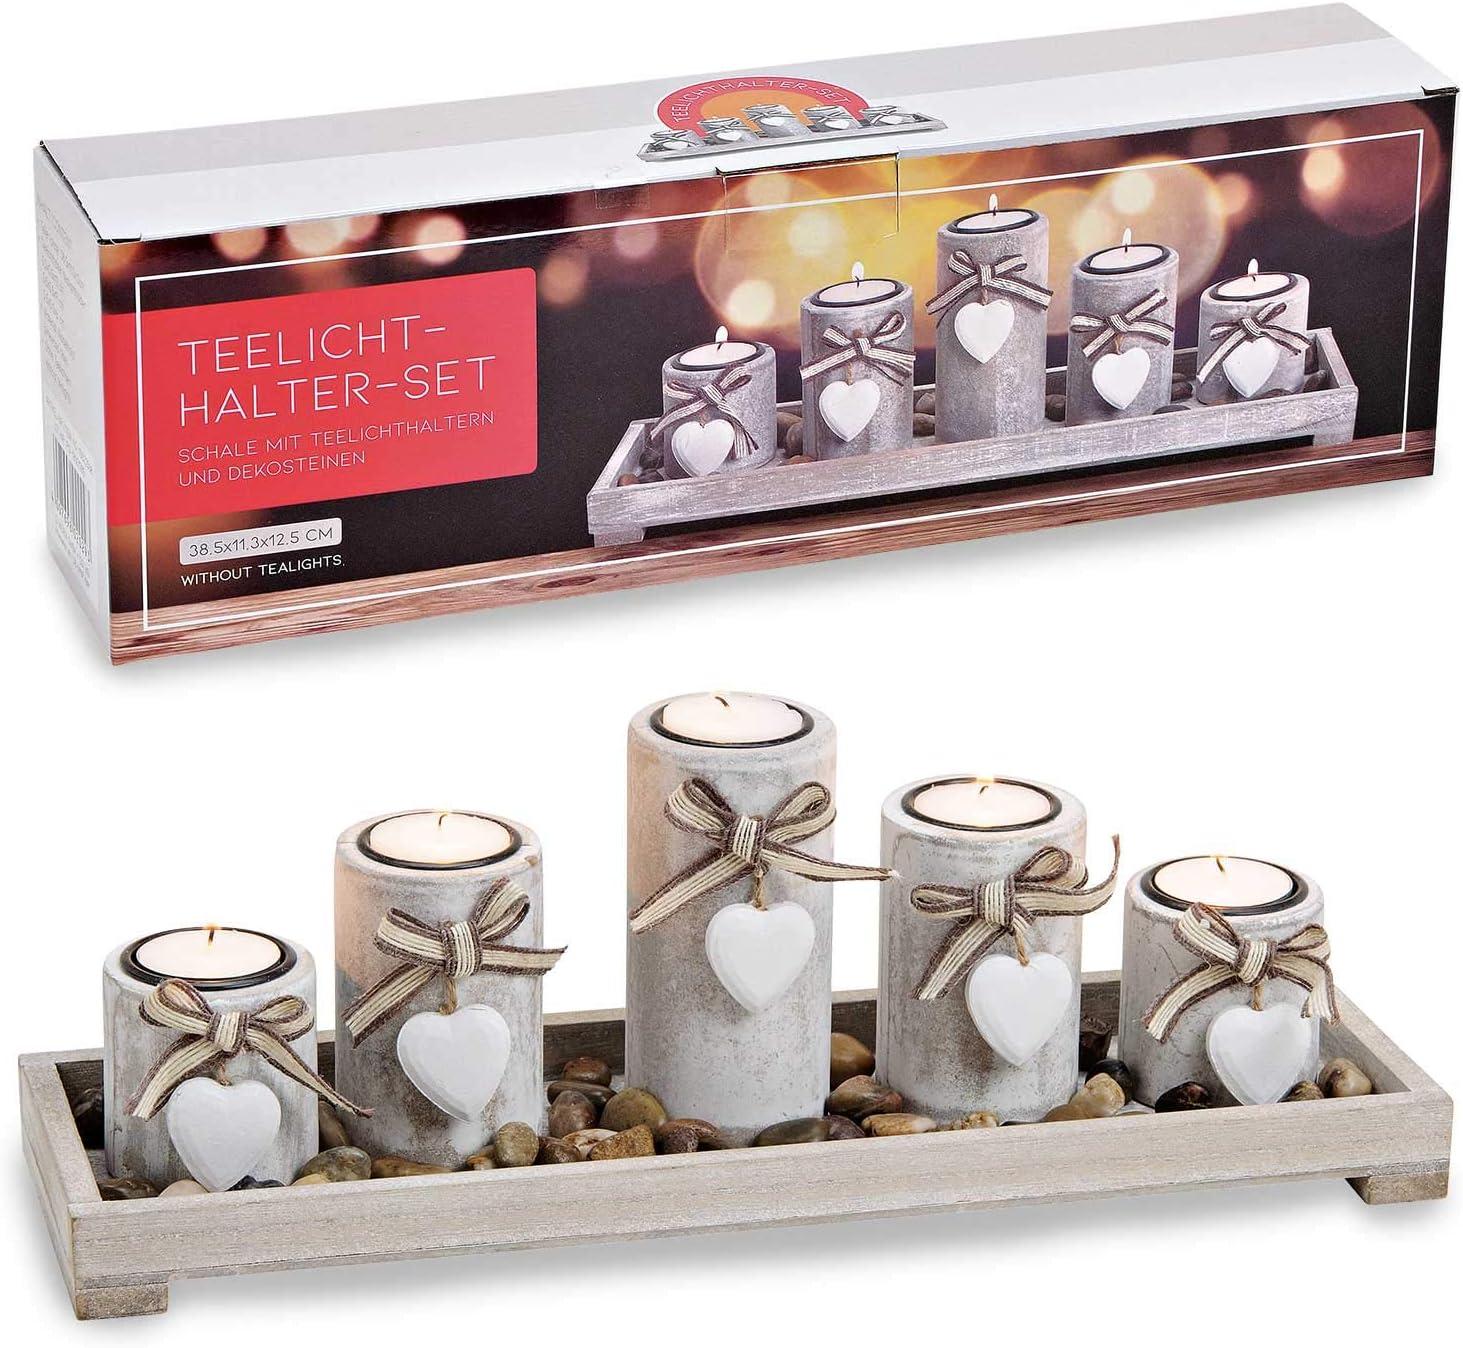 38 x 12 x 11 cm pour 5 Bougies Chauffe-Plat D/écoration de Table Strike Photophore Rustique sur Plateau avec Pierre d/écorative et Pendentif en Forme de c/œur en Bois Blanc